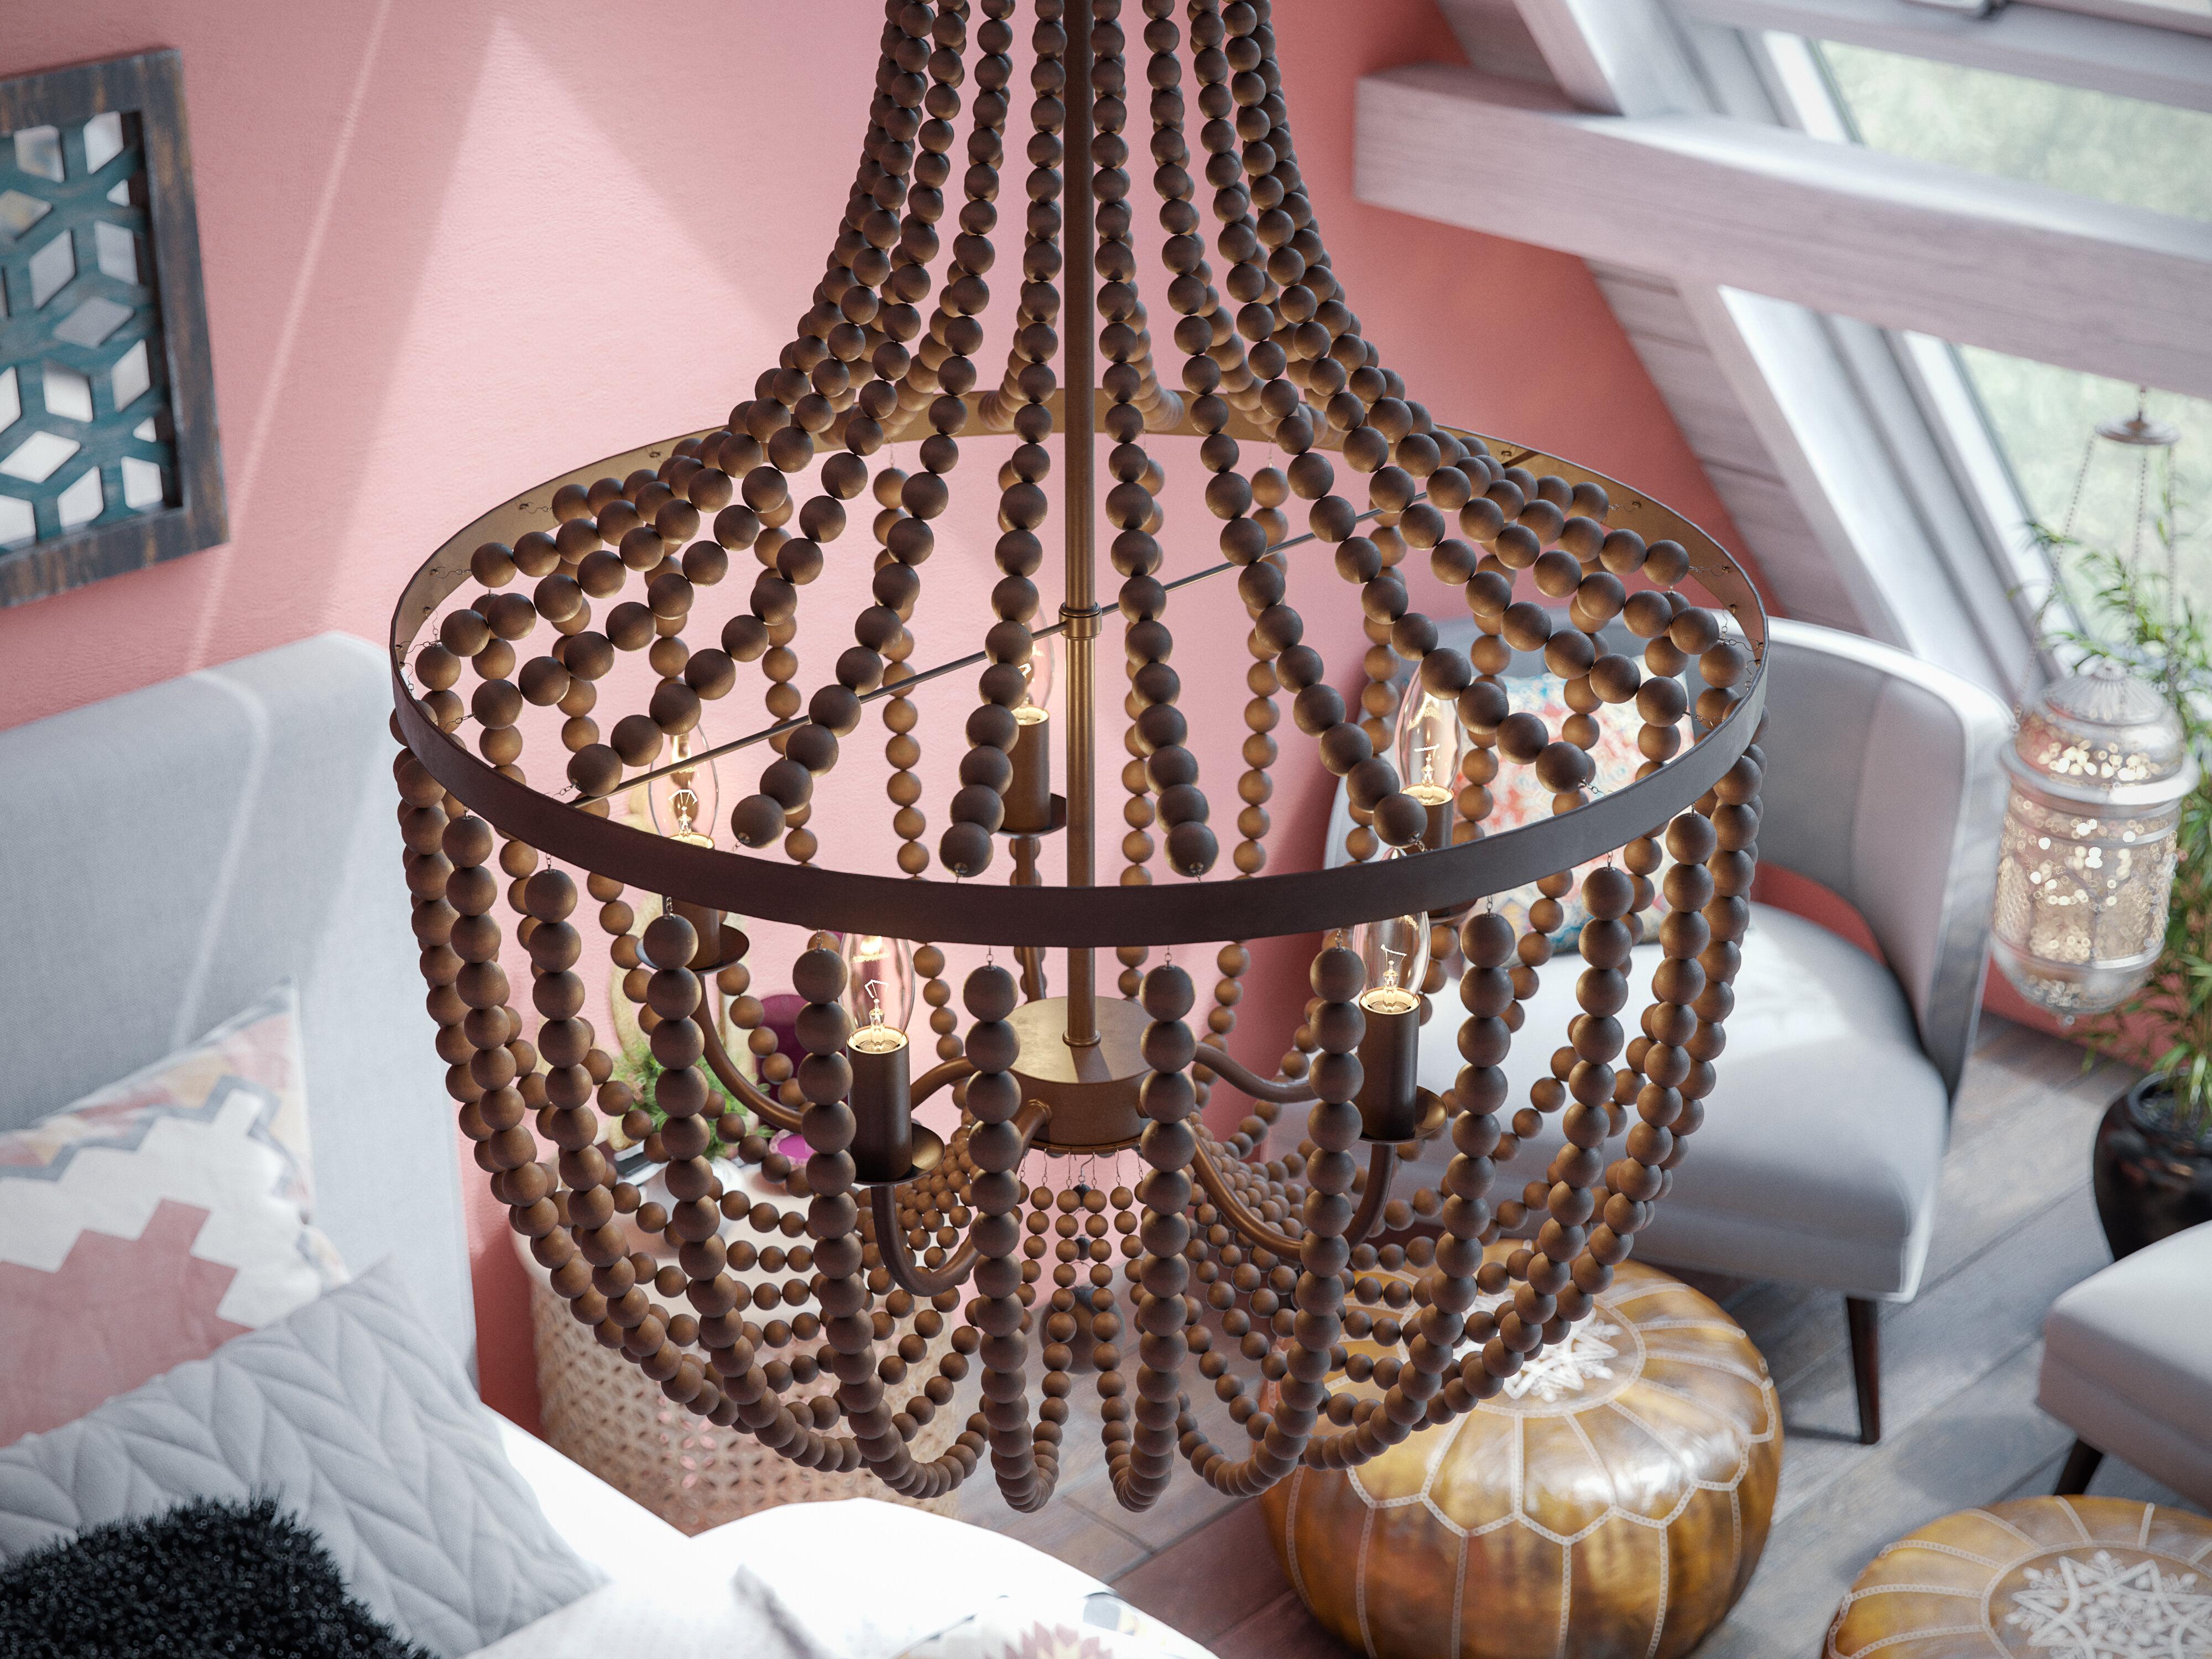 Tilden Wood Bead 5 Light Empire Chandelier Intended For Duron 5 Light Empire Chandeliers (View 15 of 30)